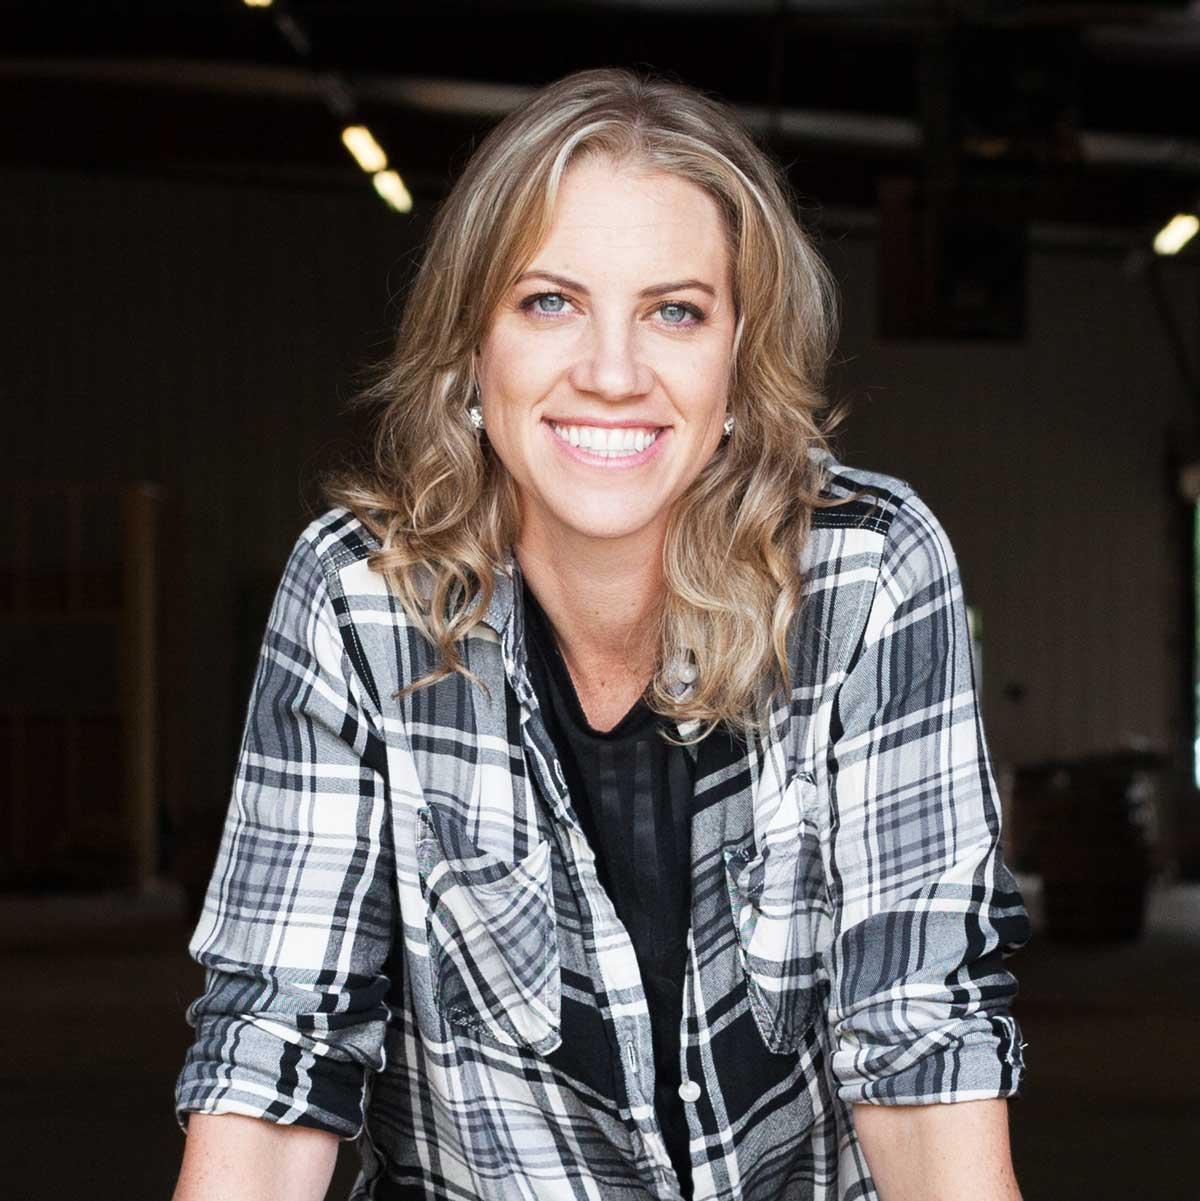 Heather Manley